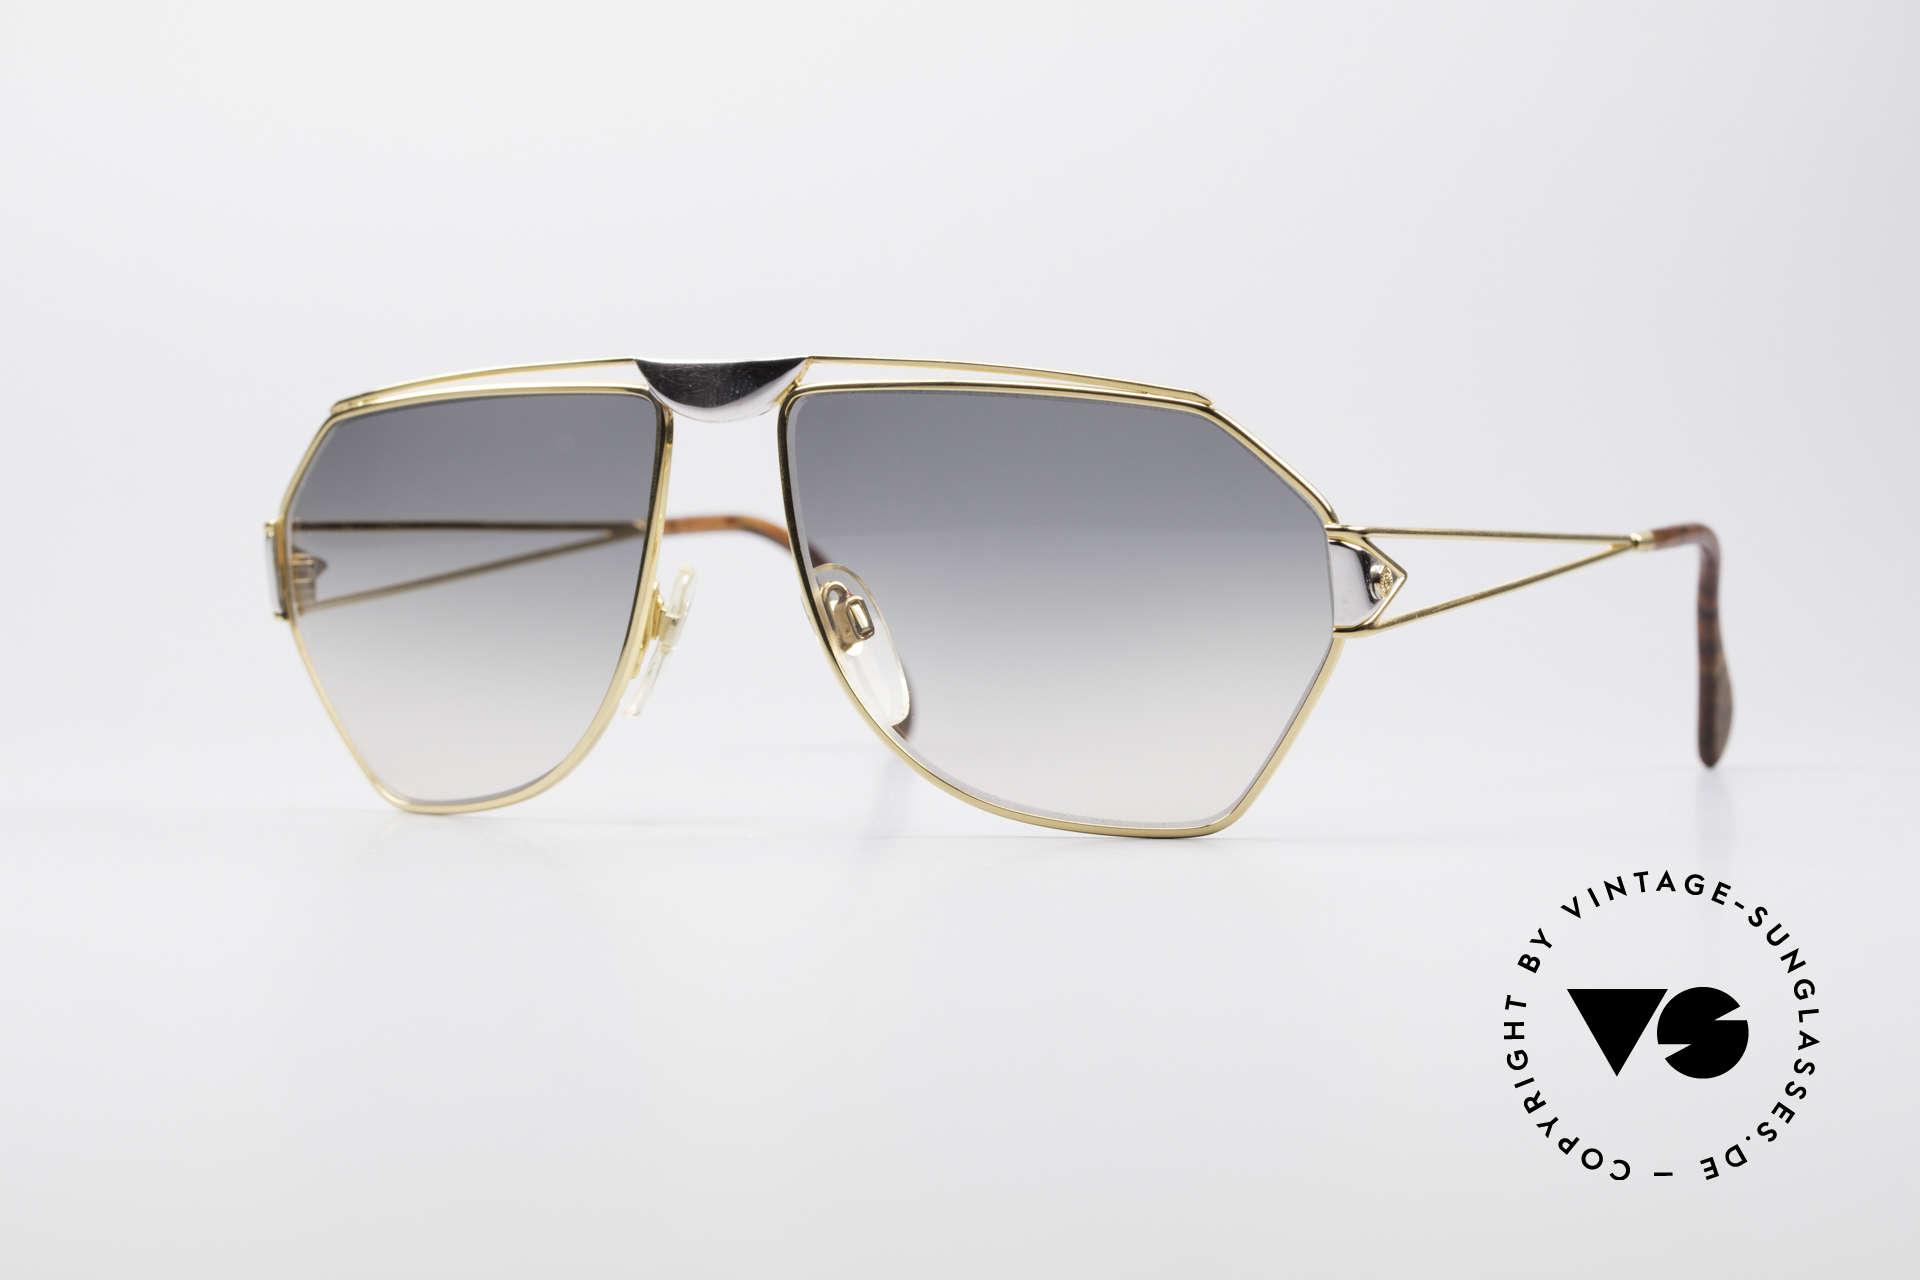 St. Moritz 403 80er Jupiter Sonnenbrille, sensationelle vintage St. Moritz Designer-Sonnenbrille, Passend für Herren